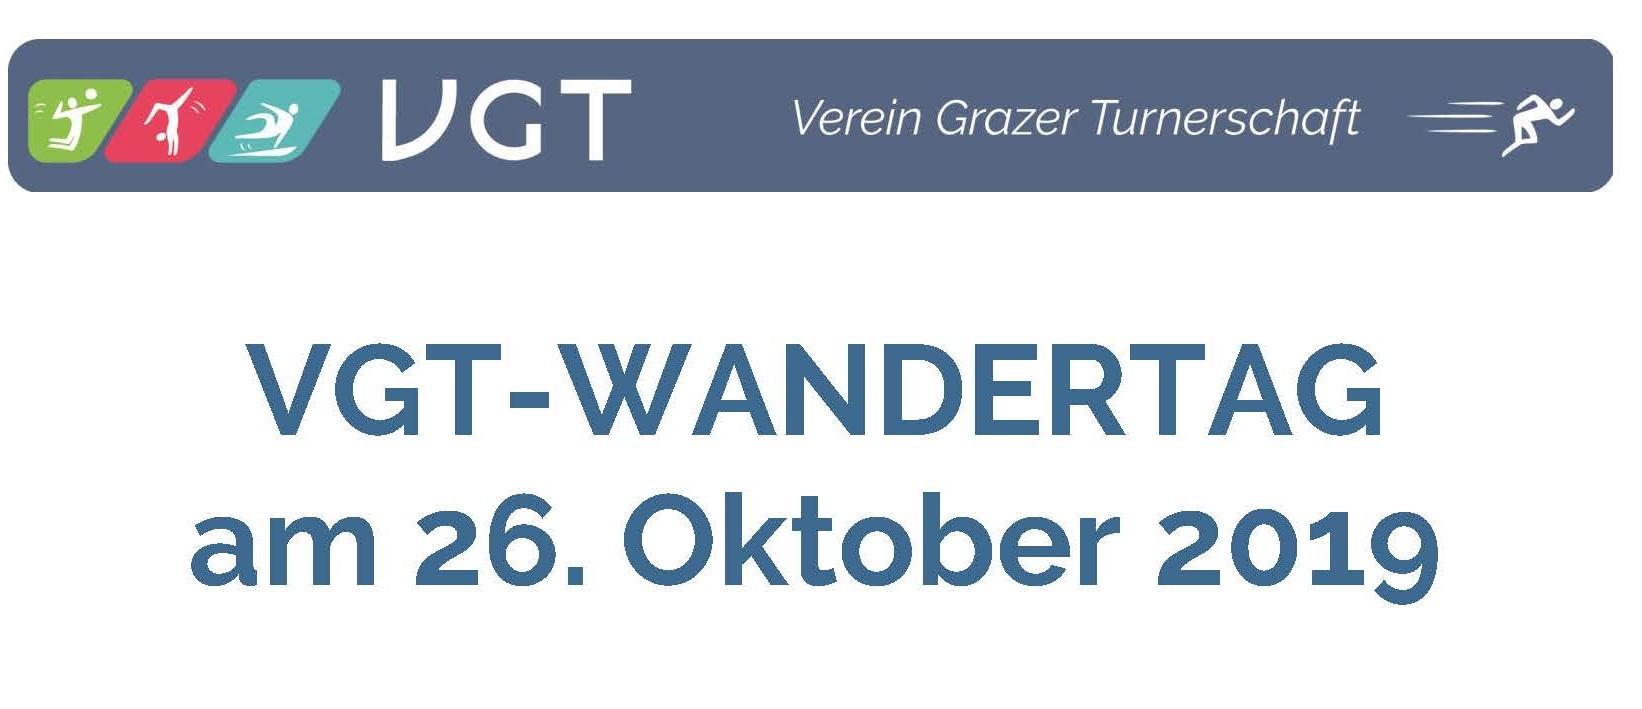 VGT-WANDERTAG am 26. Oktober 2019